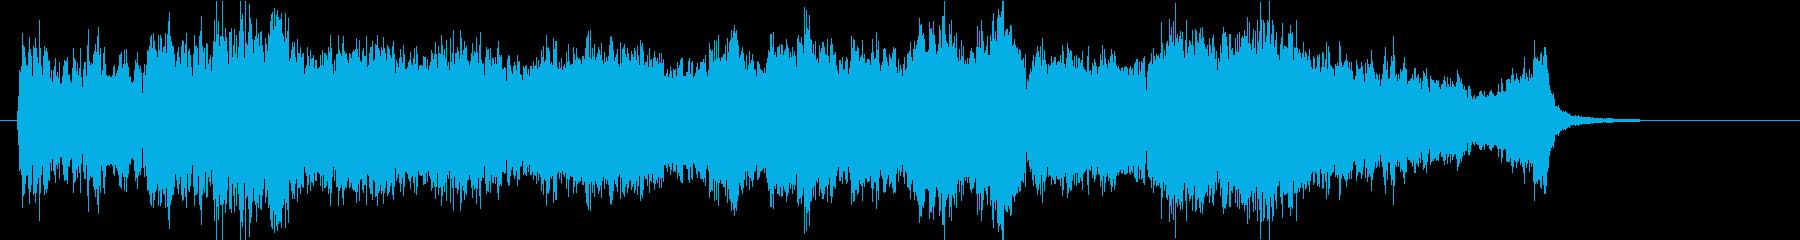 壮大、感動のオーケストラOPハーフdの再生済みの波形